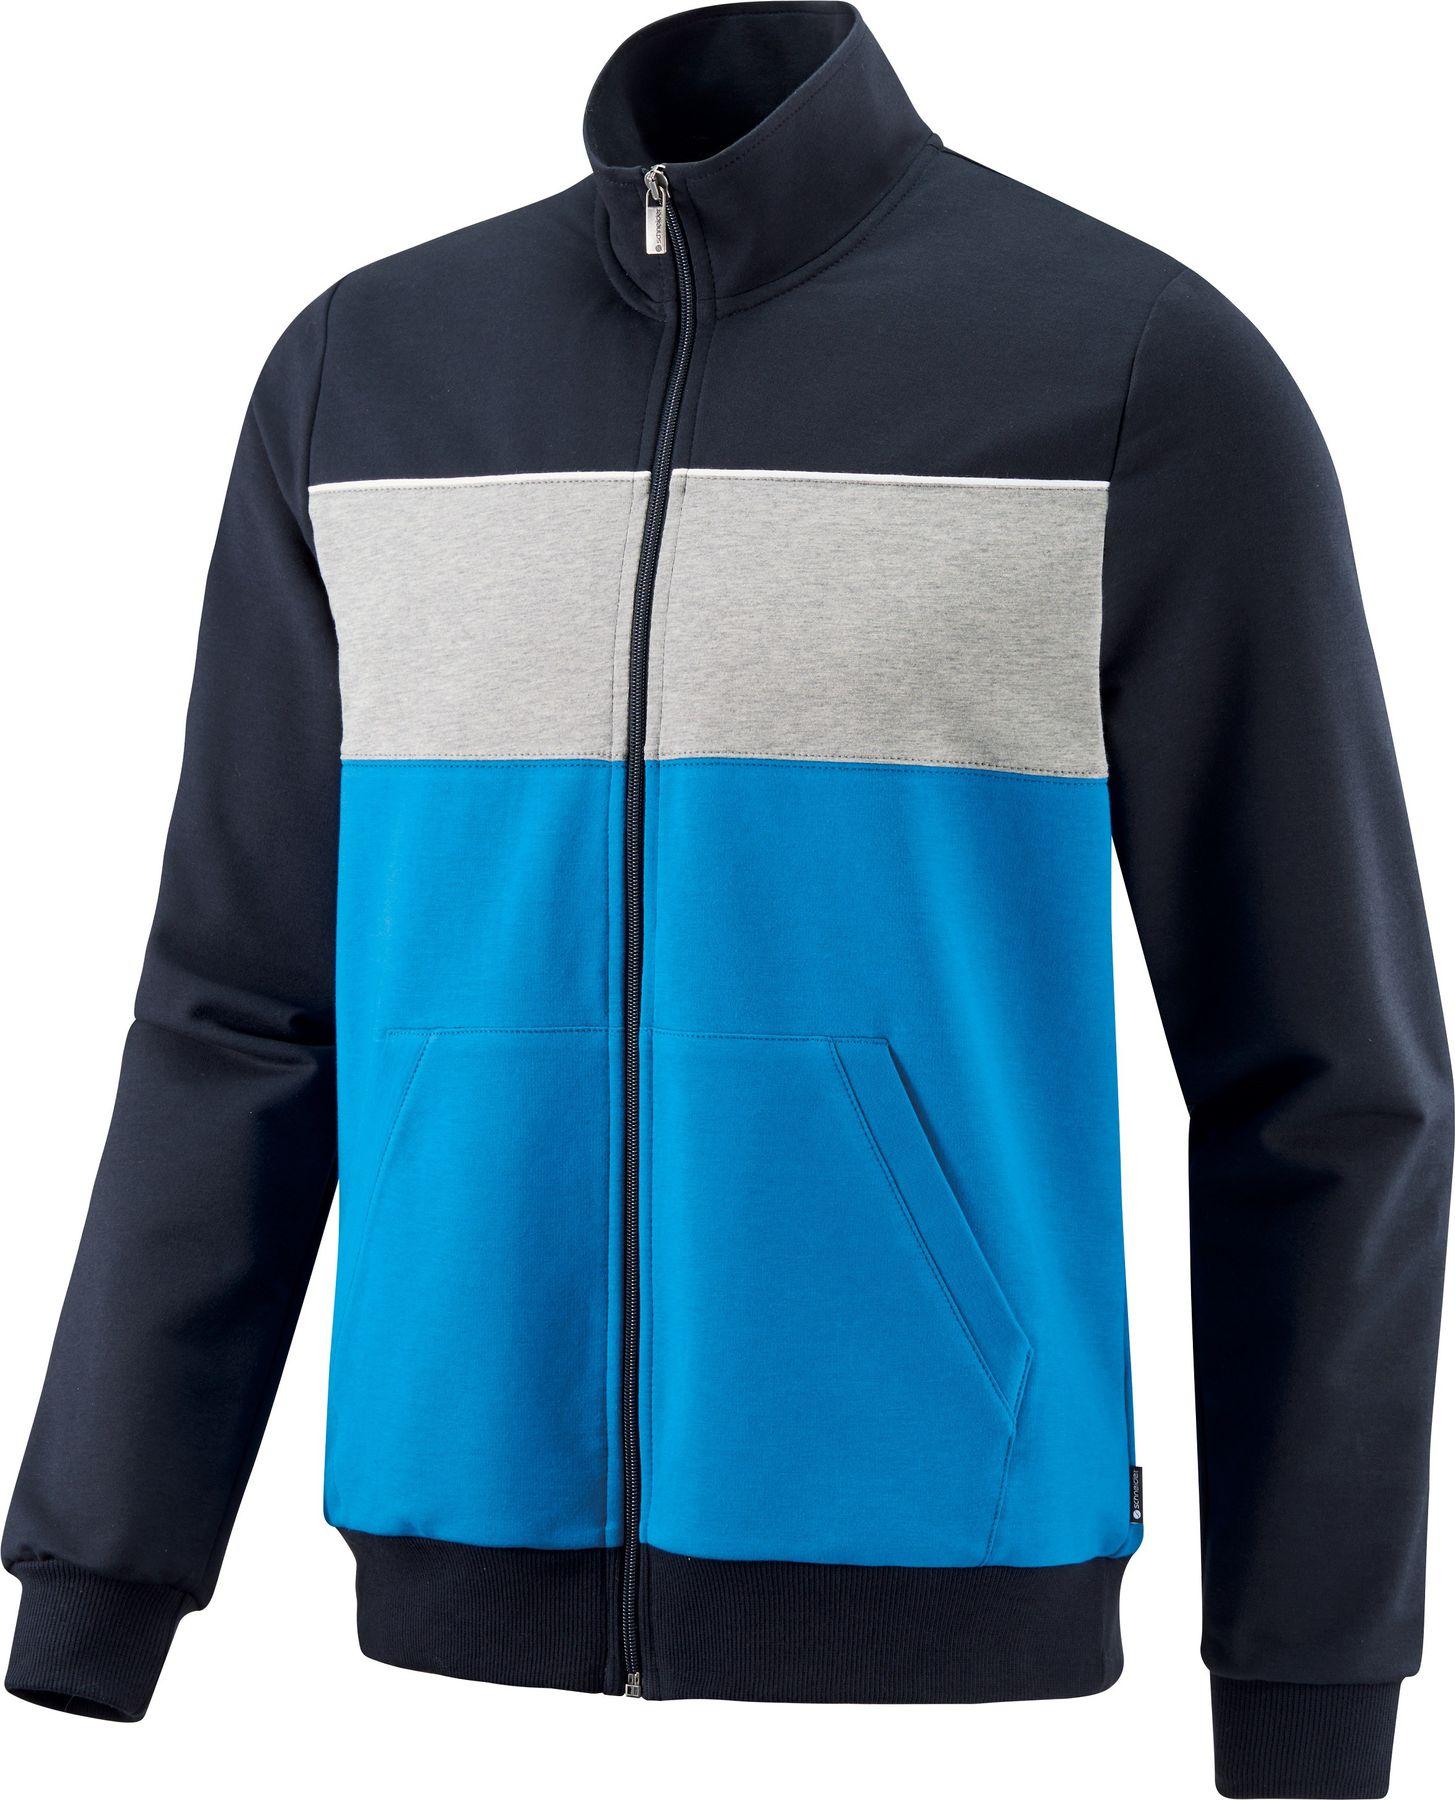 Schneider - Herren Sport und Freizeit-Anzug aus Elastosoft, BLAIRM (1113) – Bild 4